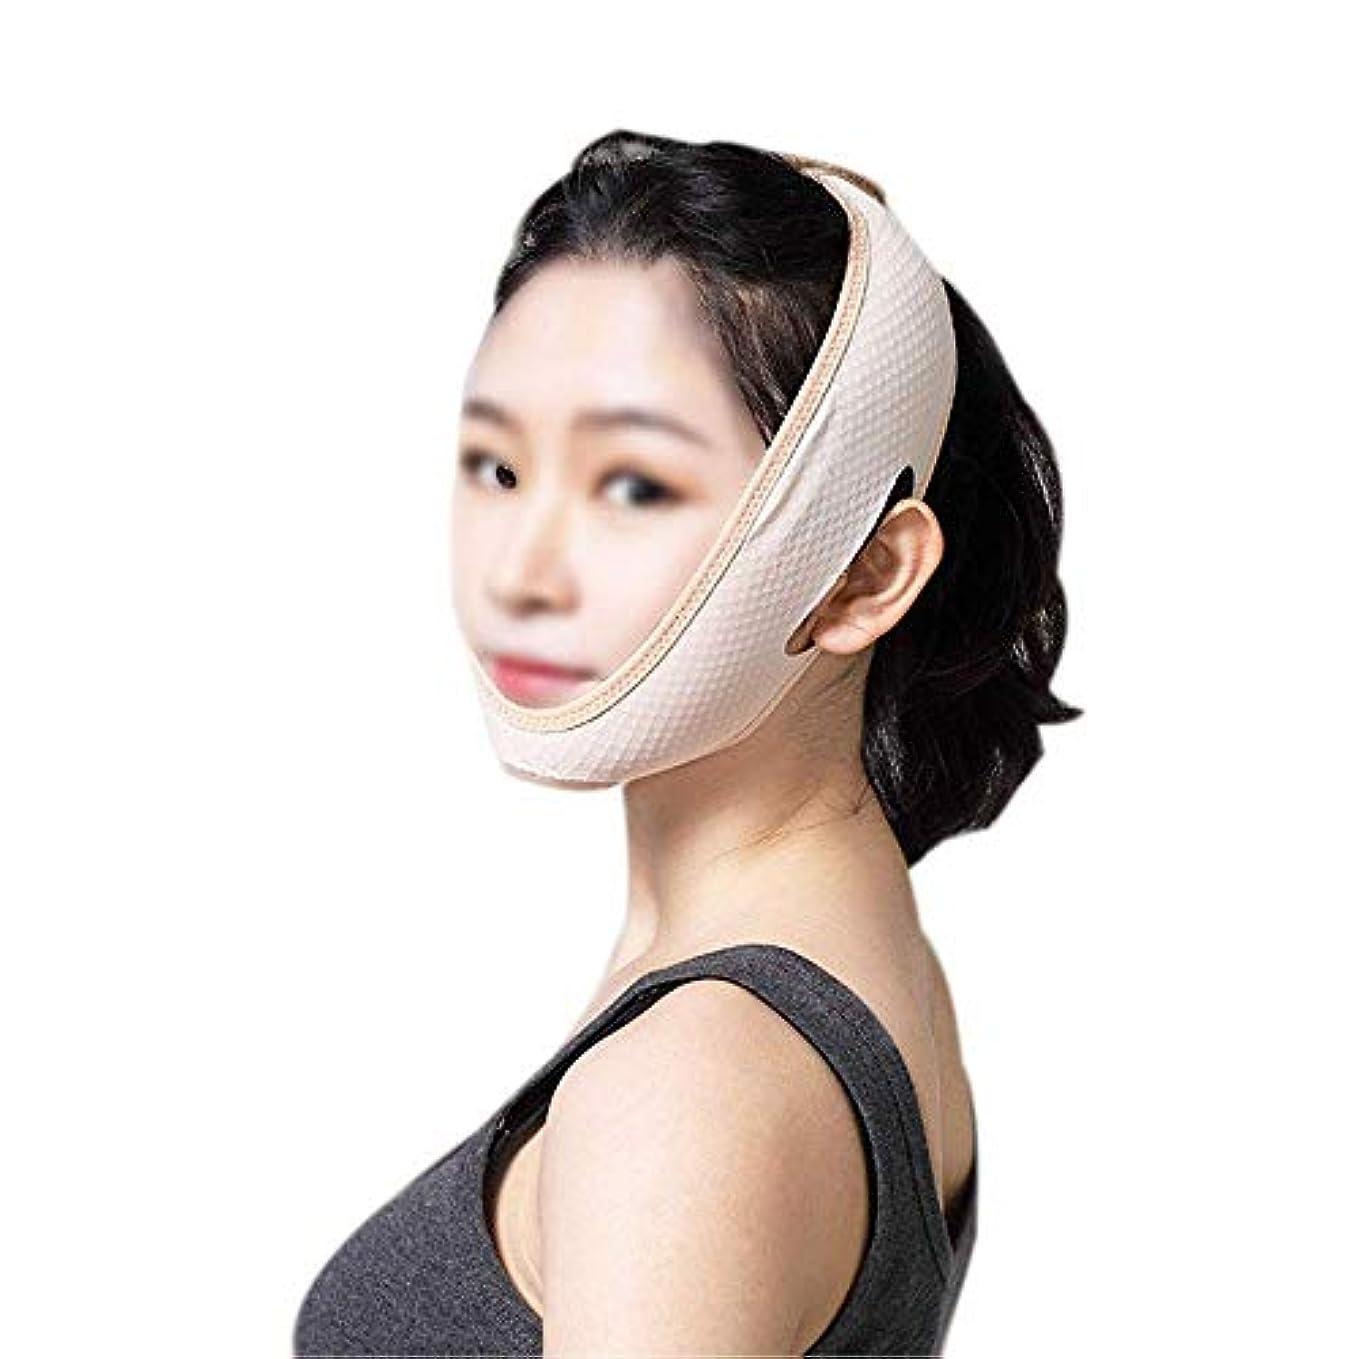 誓いの頭の上体現するフェイスリフティングバンデージ、肌の引き締めを強化する薄いフェイスマスクの睡眠、ダブルチンマスクの削減